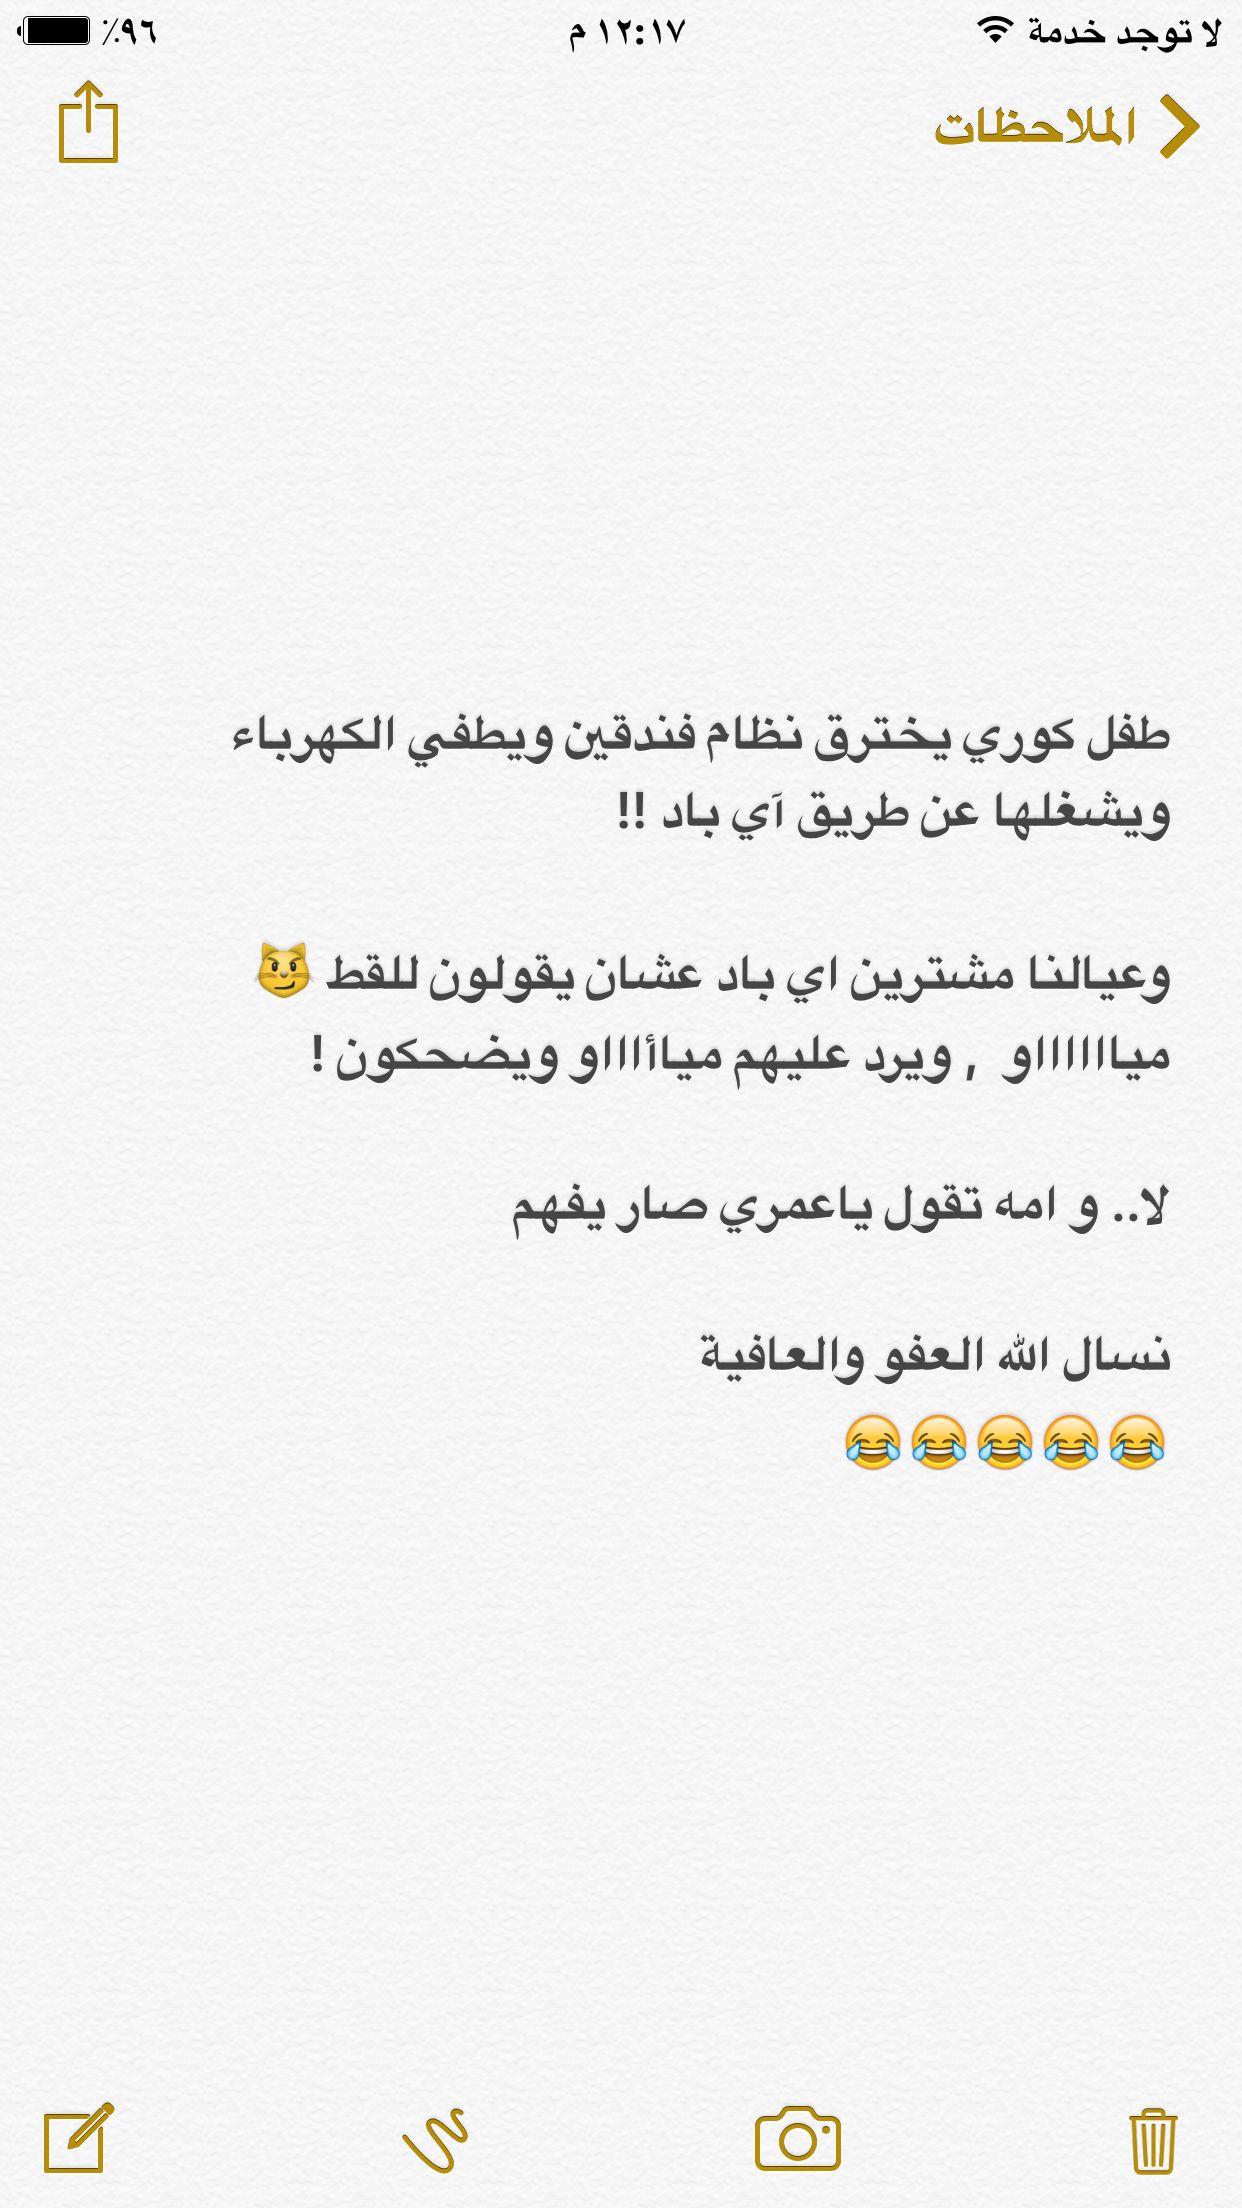 نسال الله العفو والعافية Funny Science Jokes Funny Arabic Quotes Funny Words